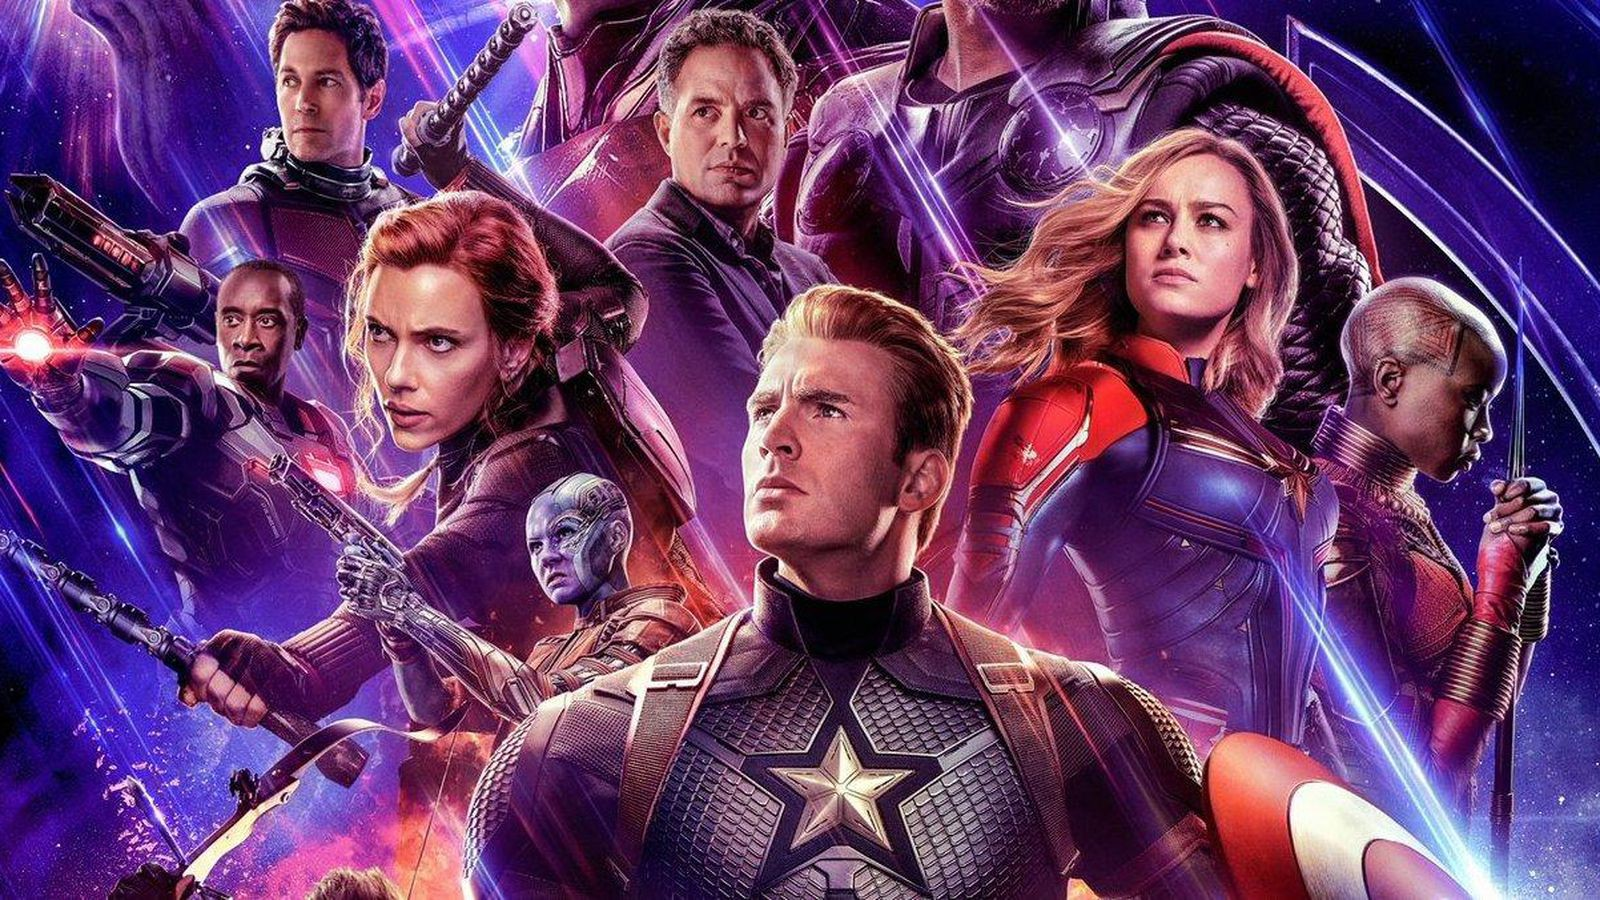 3 giả thuyết Thiên Linh Cái hoãn chiếu: Nhiều chuyện đáng nói hơn là né đội Avengers? - Ảnh 1.